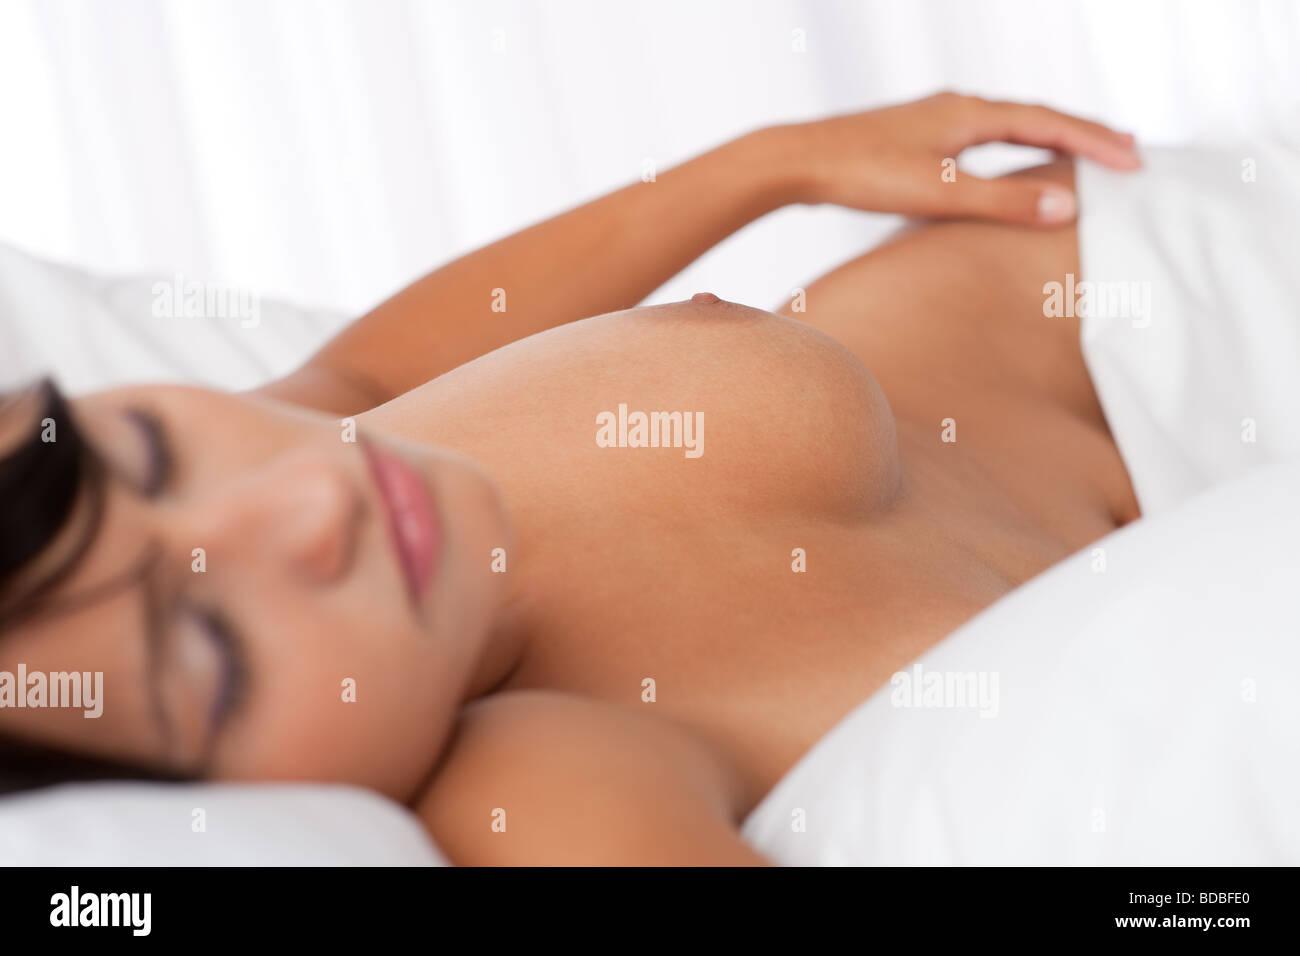 Dormitorio Blanco Pelo Castaño Mujer Durmiendo Desnuda En La Cama